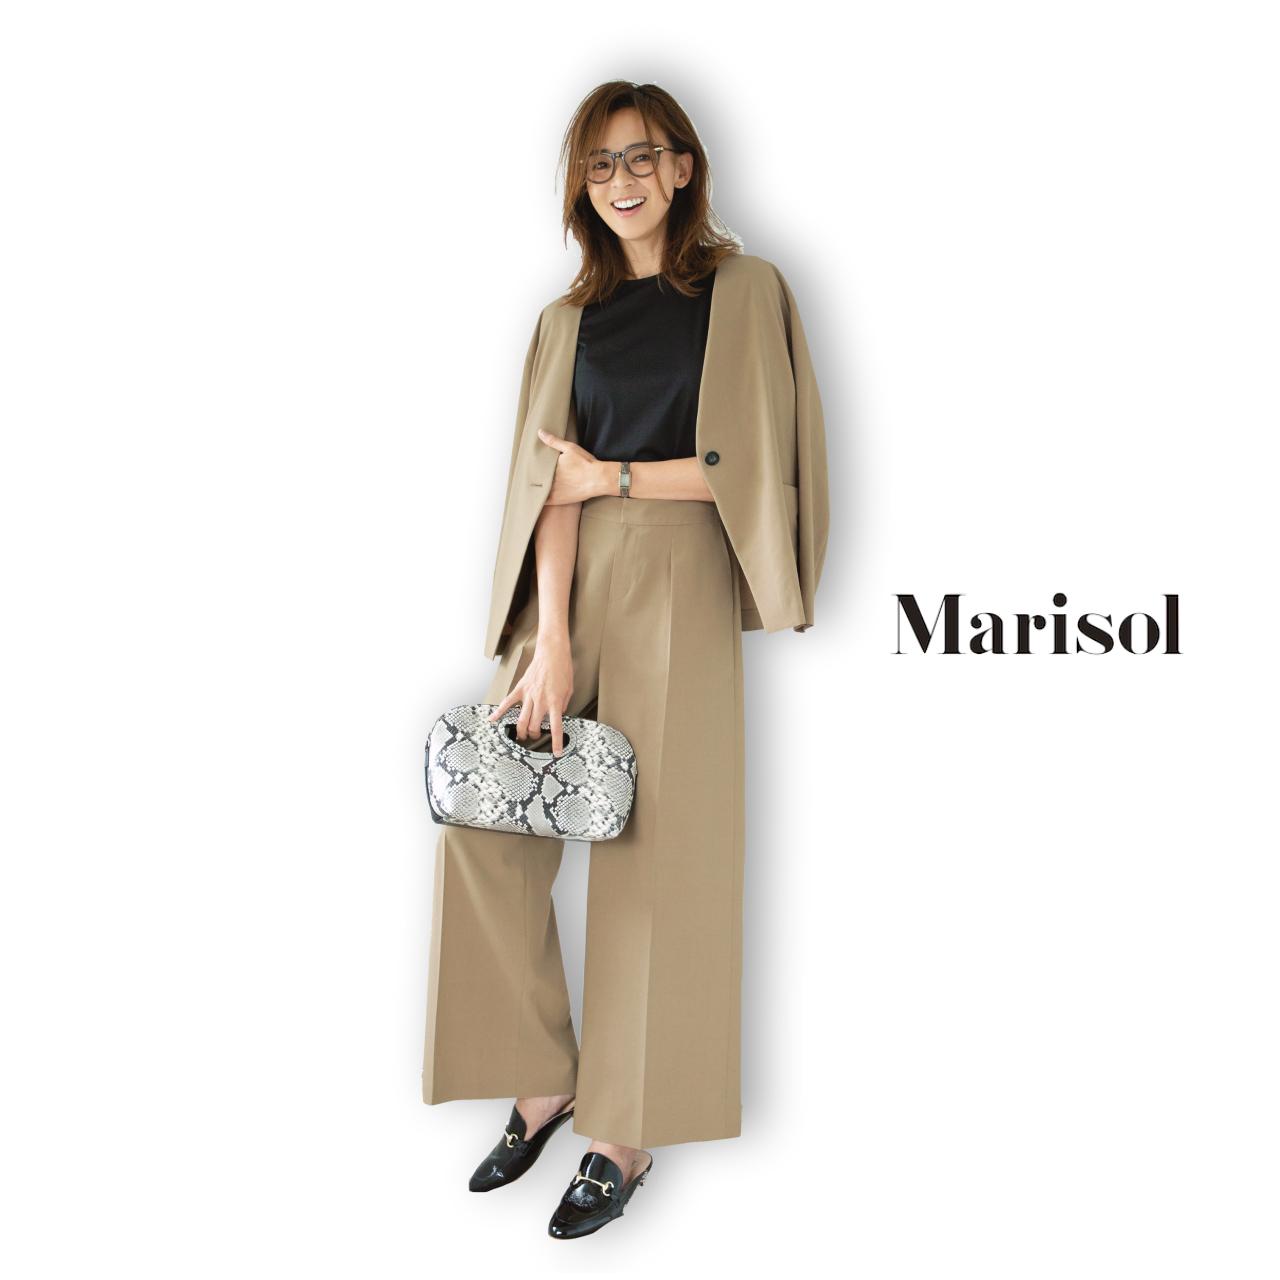 40代ファッション ベージュジャケット×パンツのセットアップコーデ